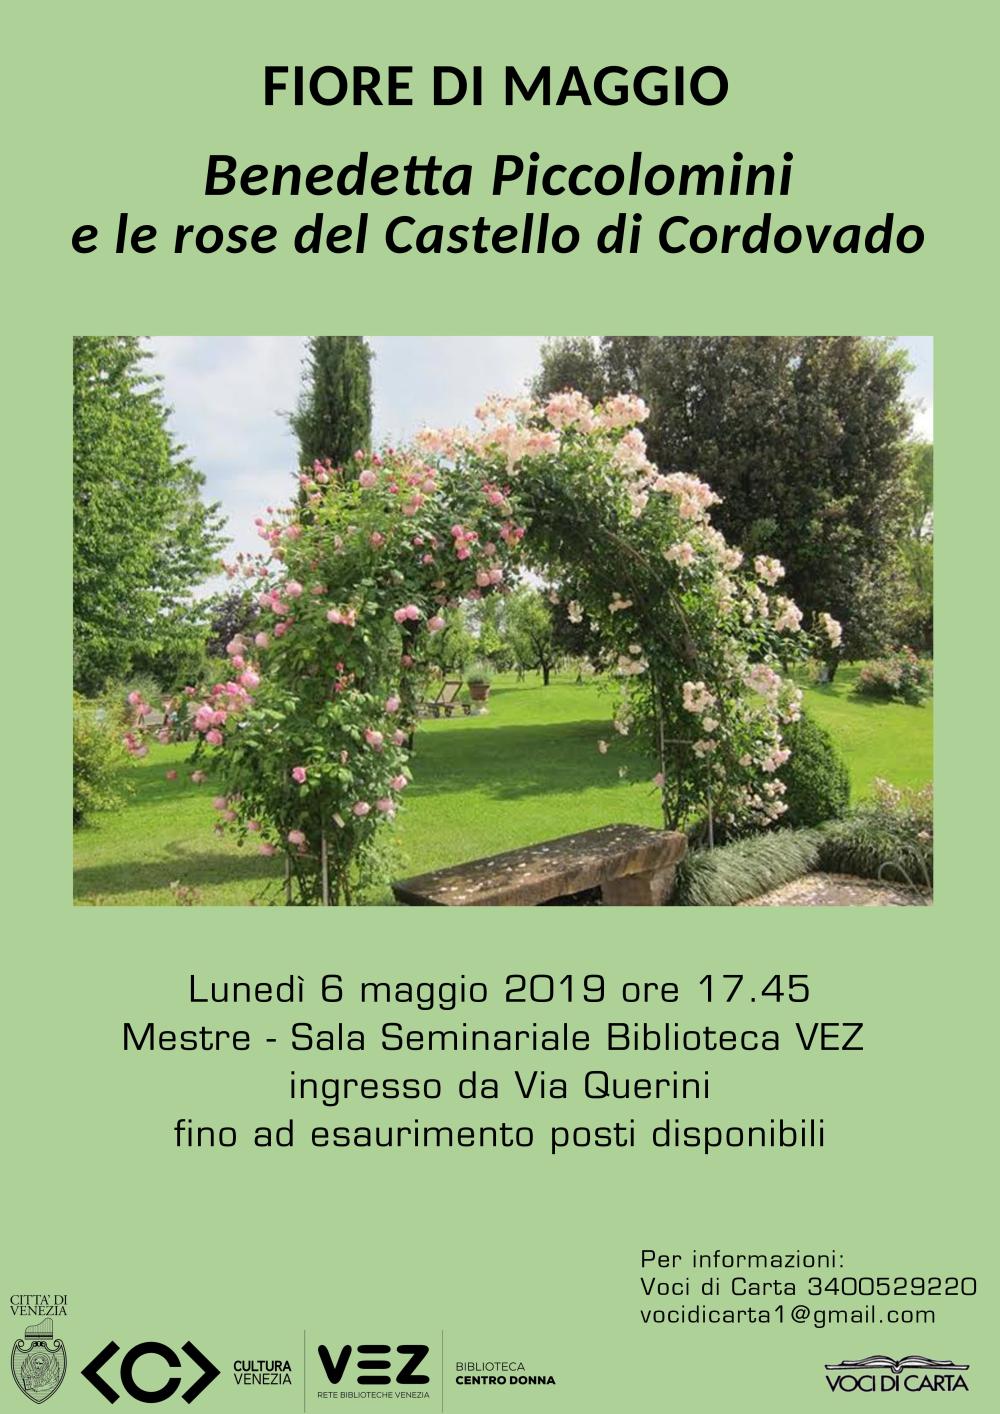 Locandina Fiore di Maggio - Benedetta Piccolomini